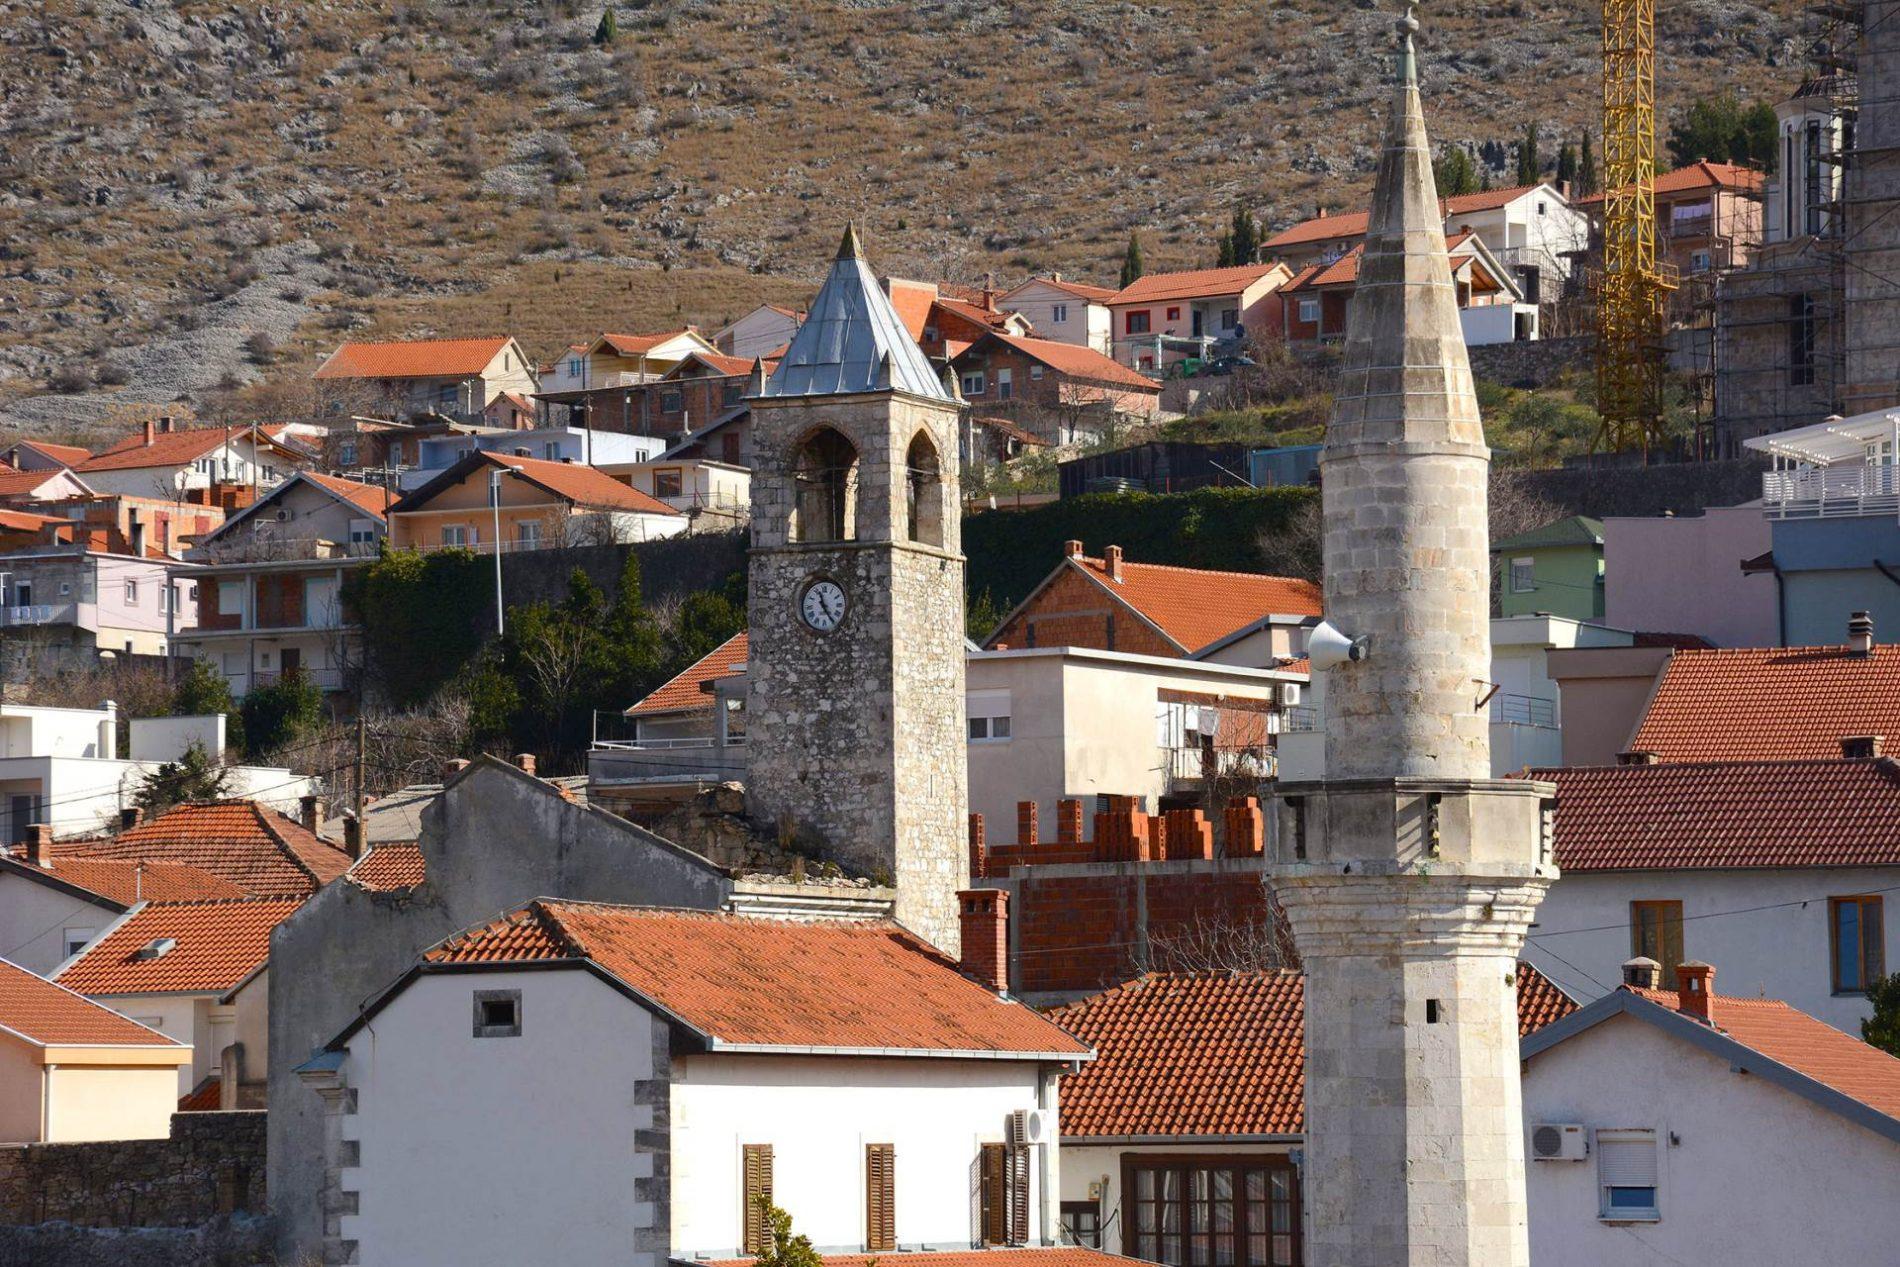 Mostar: Kazaljke na sahat-kuli ponovo pokazuju tačno vrijeme